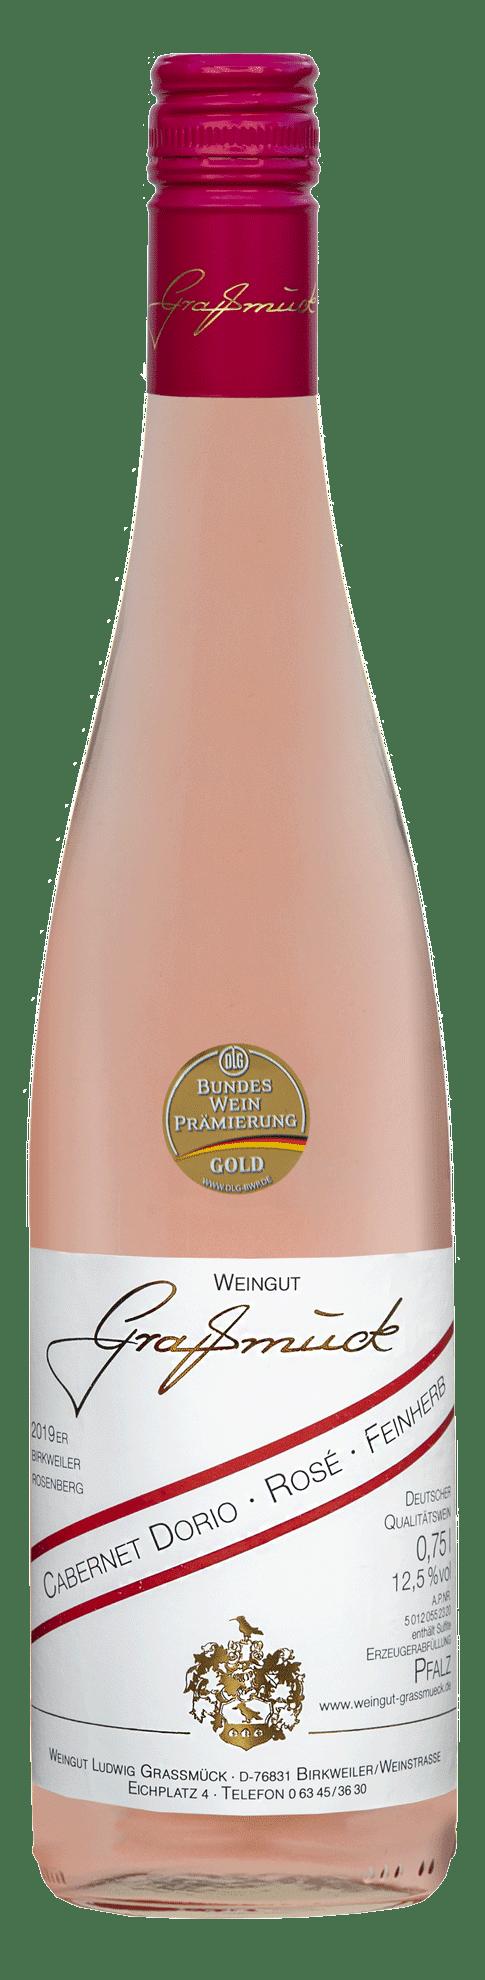 Weingut Ludwig Graßmück, Simon Graßmück, Cabernet-Dorio-Rose-Feinherb-2019 mit Auszeichnung